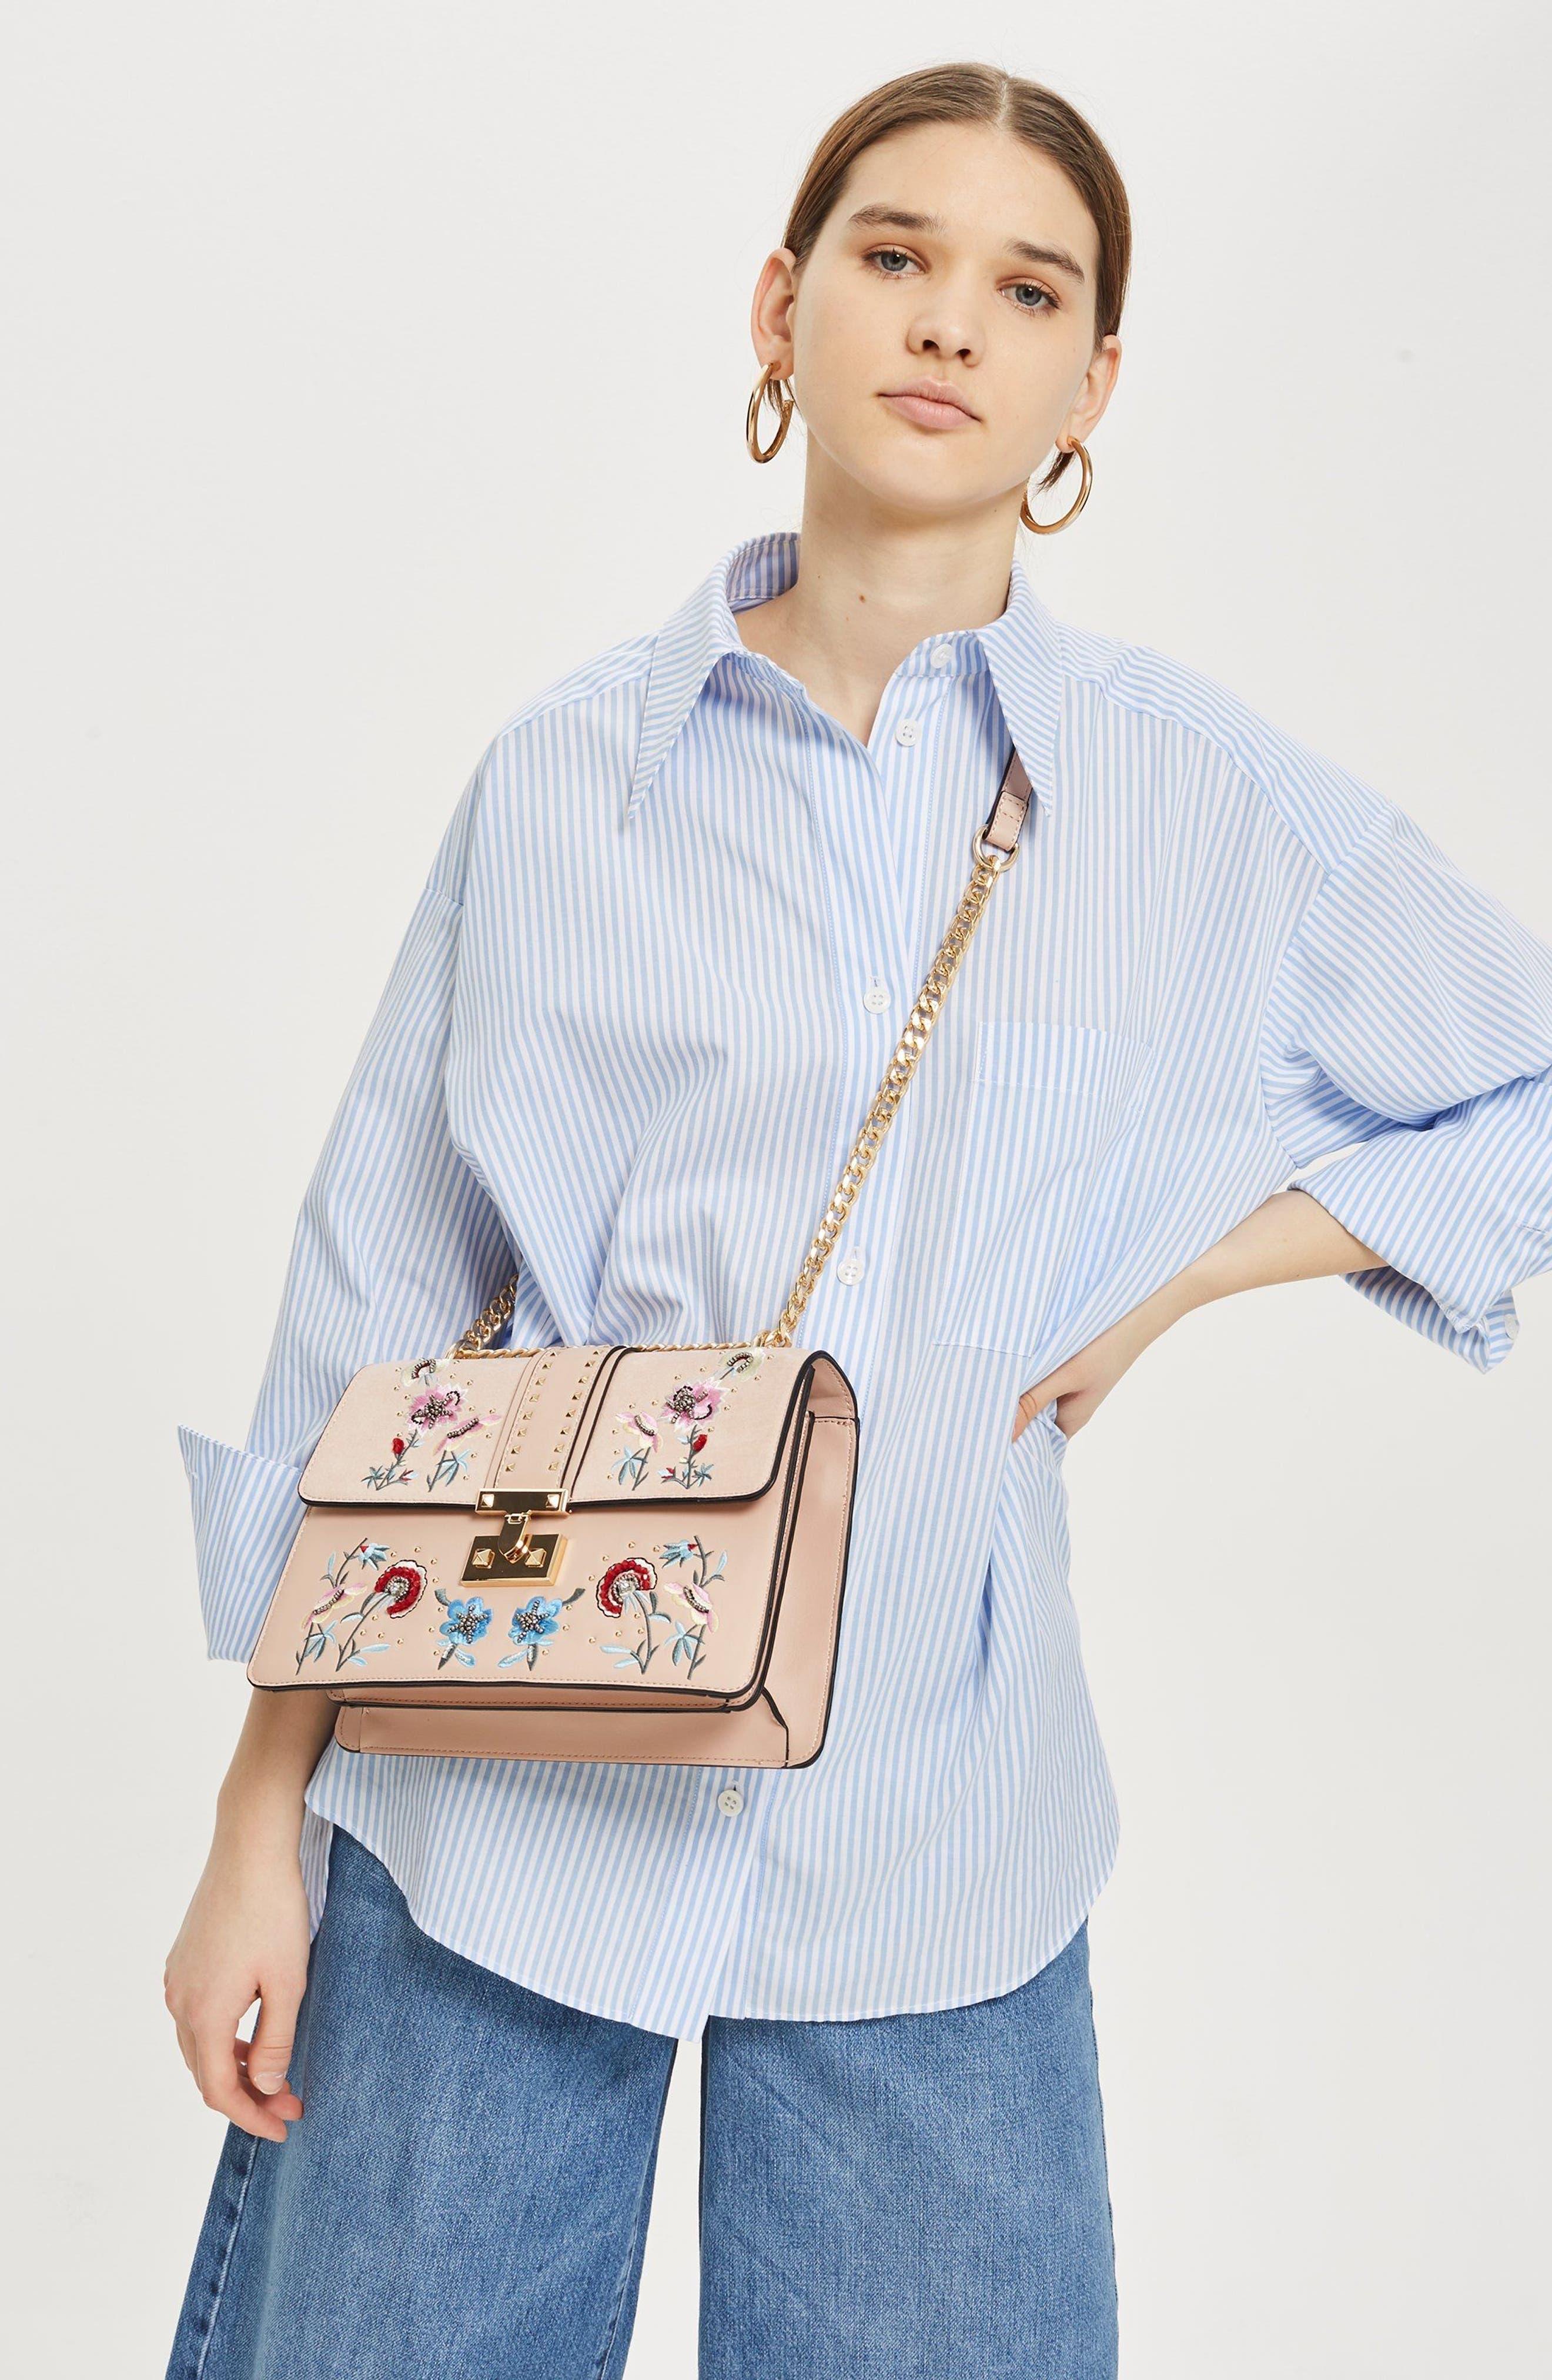 Darcy Floral Shoulder Bag,                             Alternate thumbnail 9, color,                             PINK MULTI